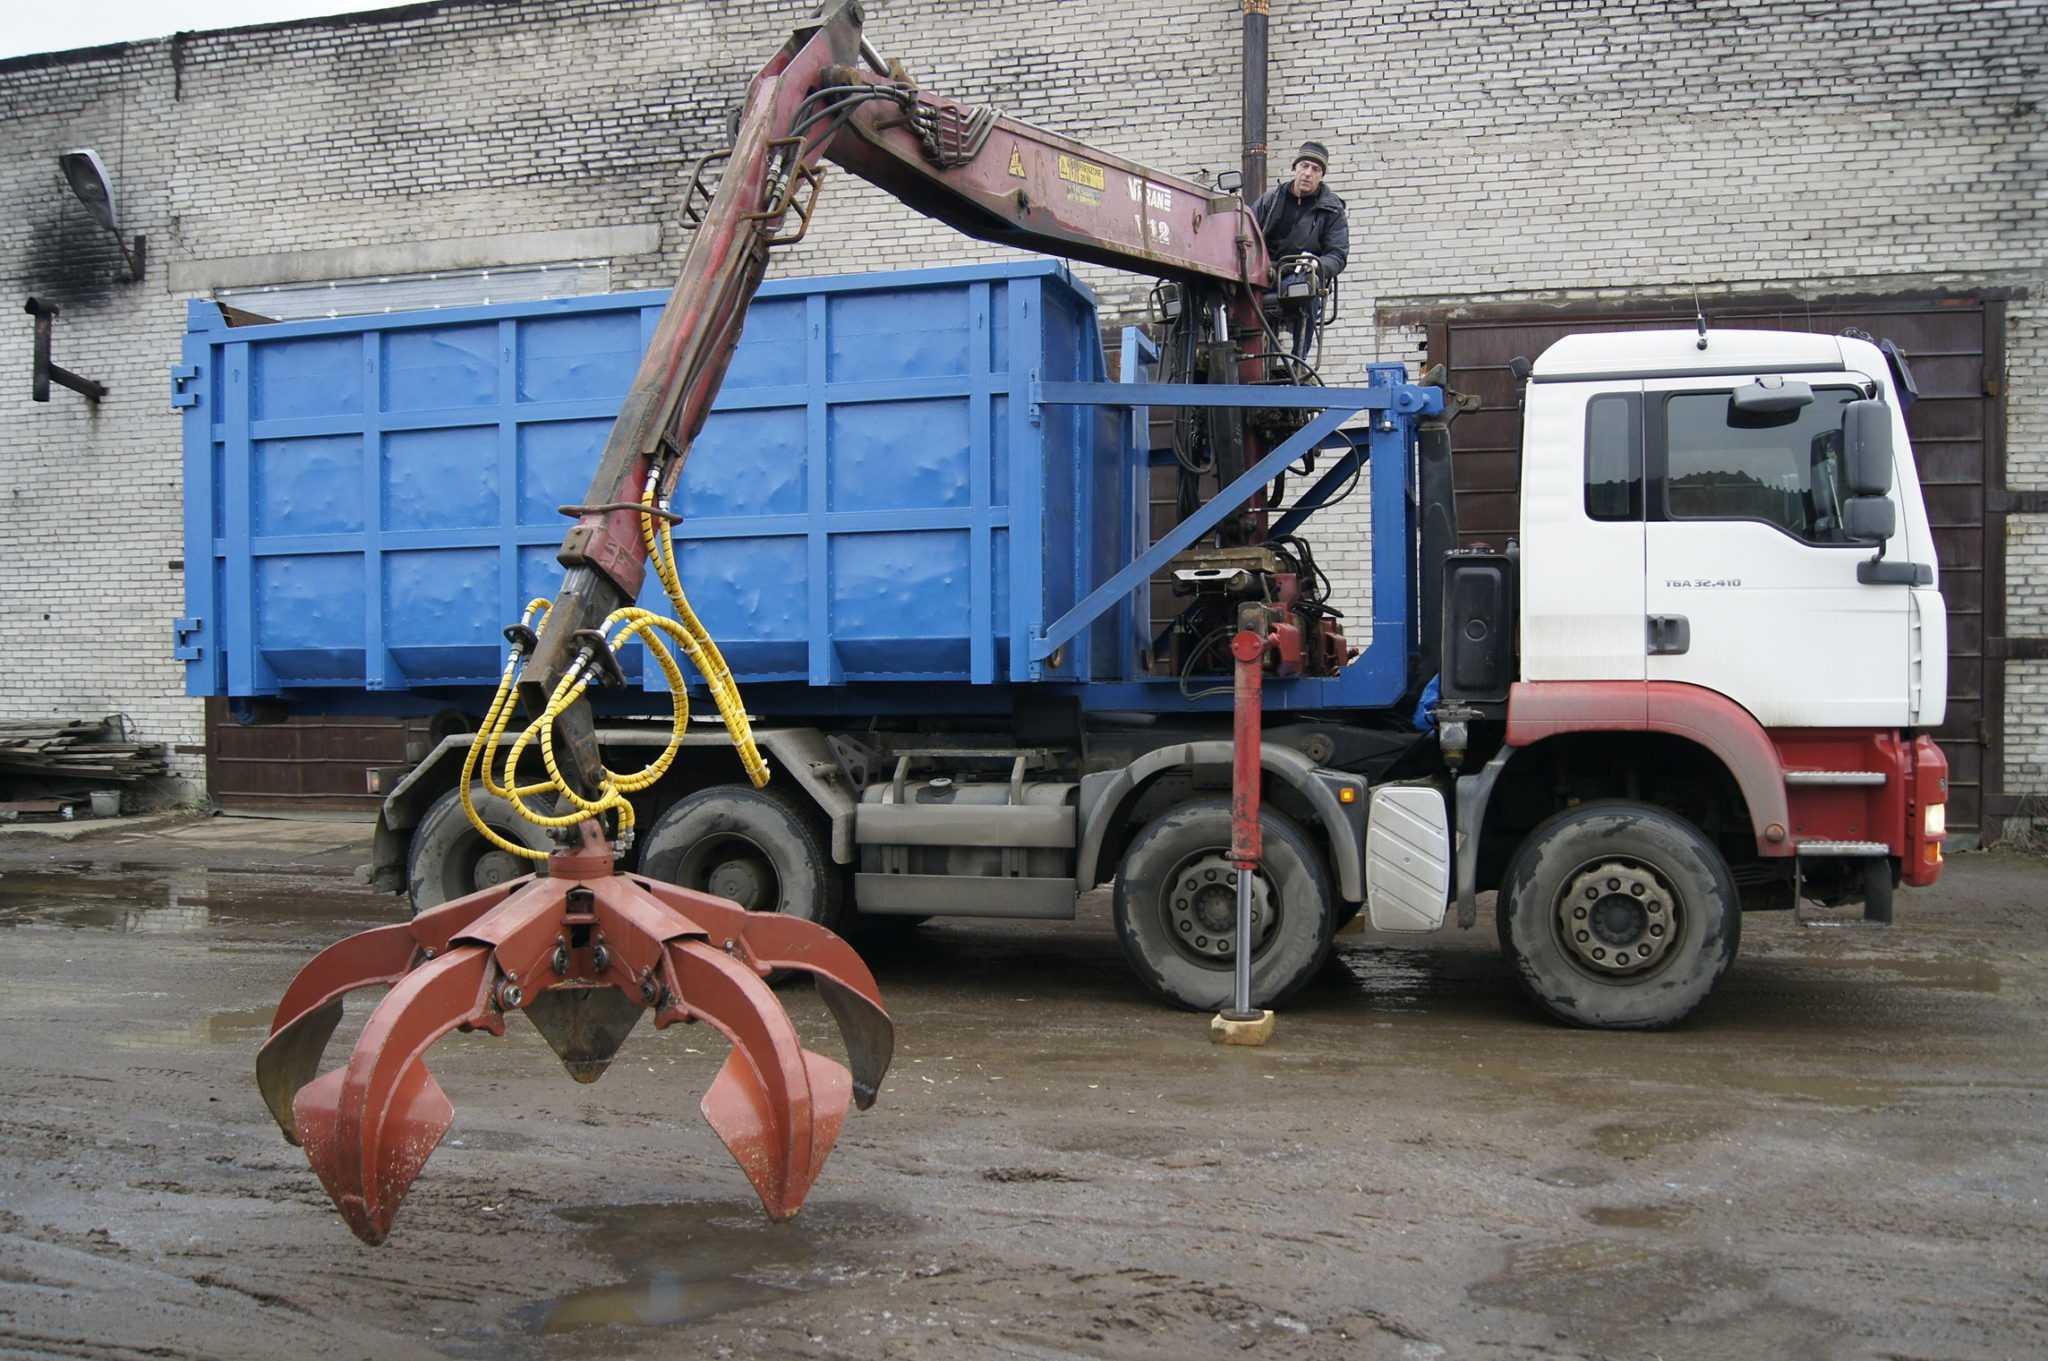 После демонтажа металлических конструкций остается металлолом, который вывозится ломовозом